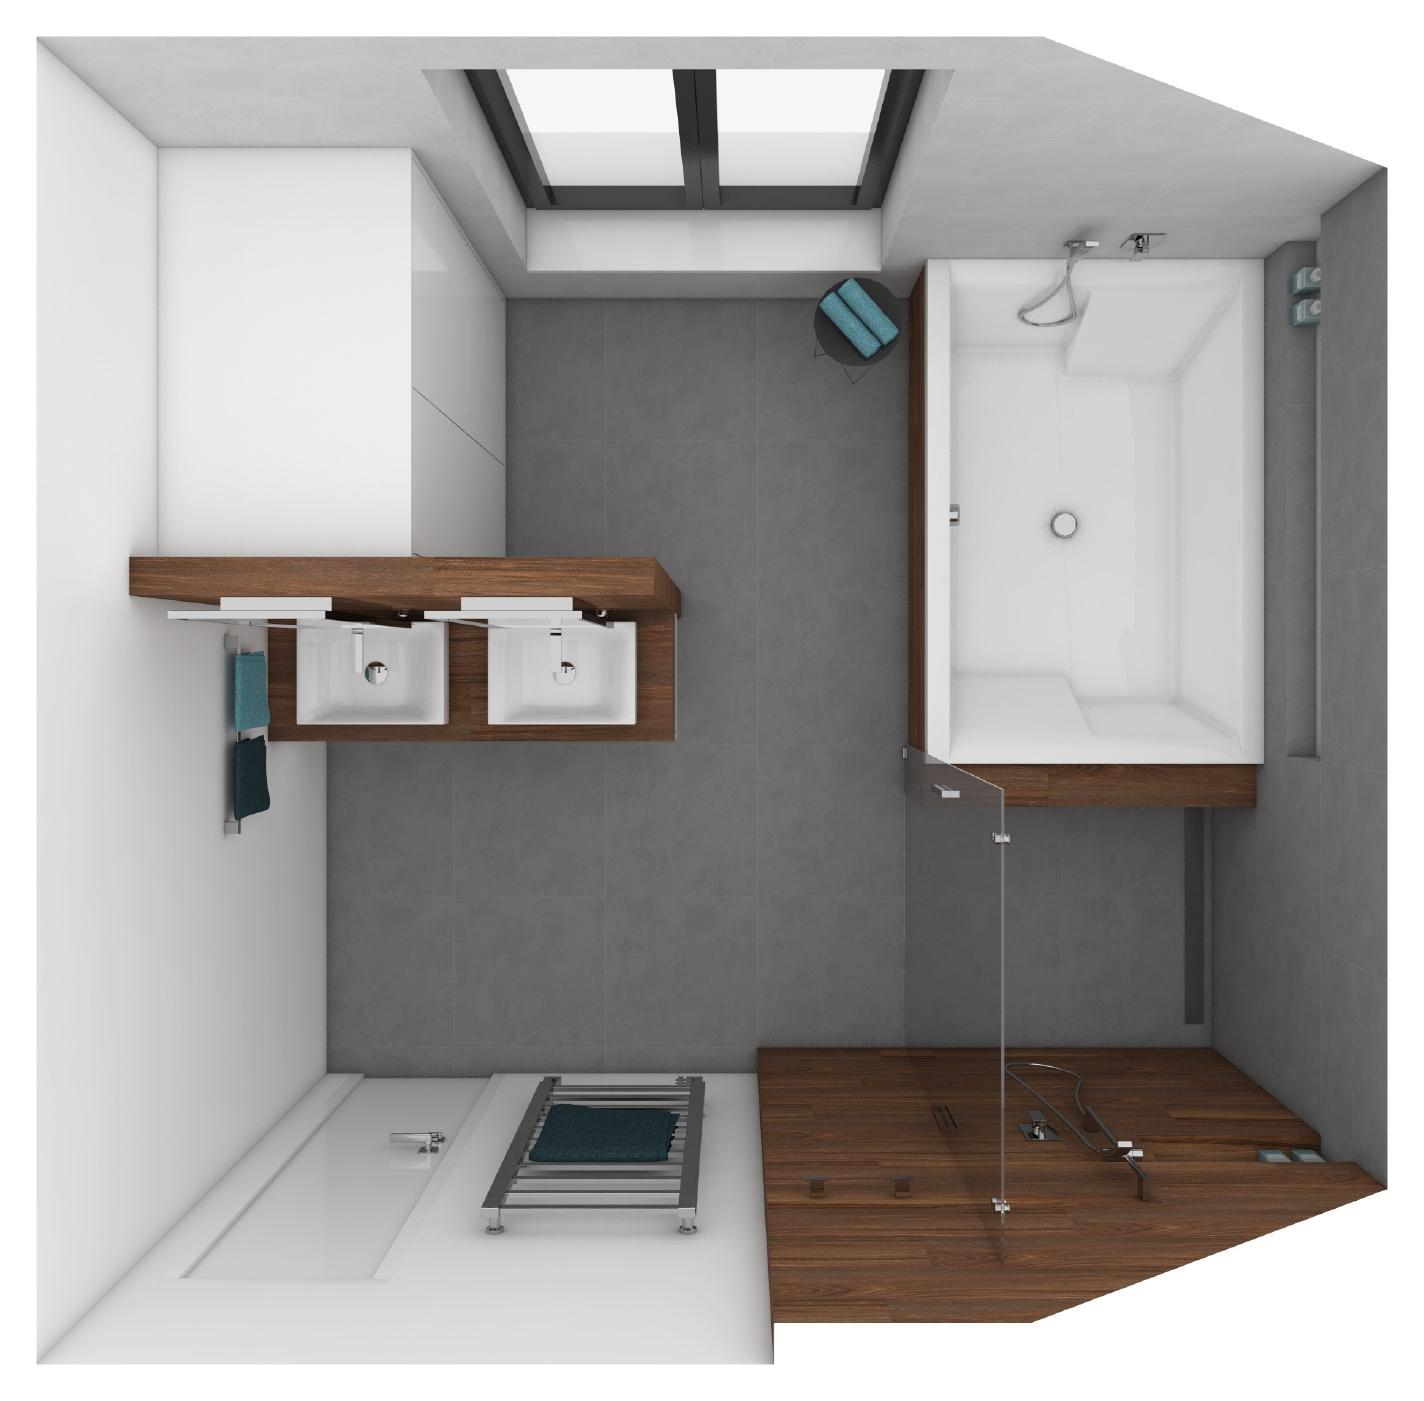 Grundriss Badezimmer 9Qm – vitaplaza.info